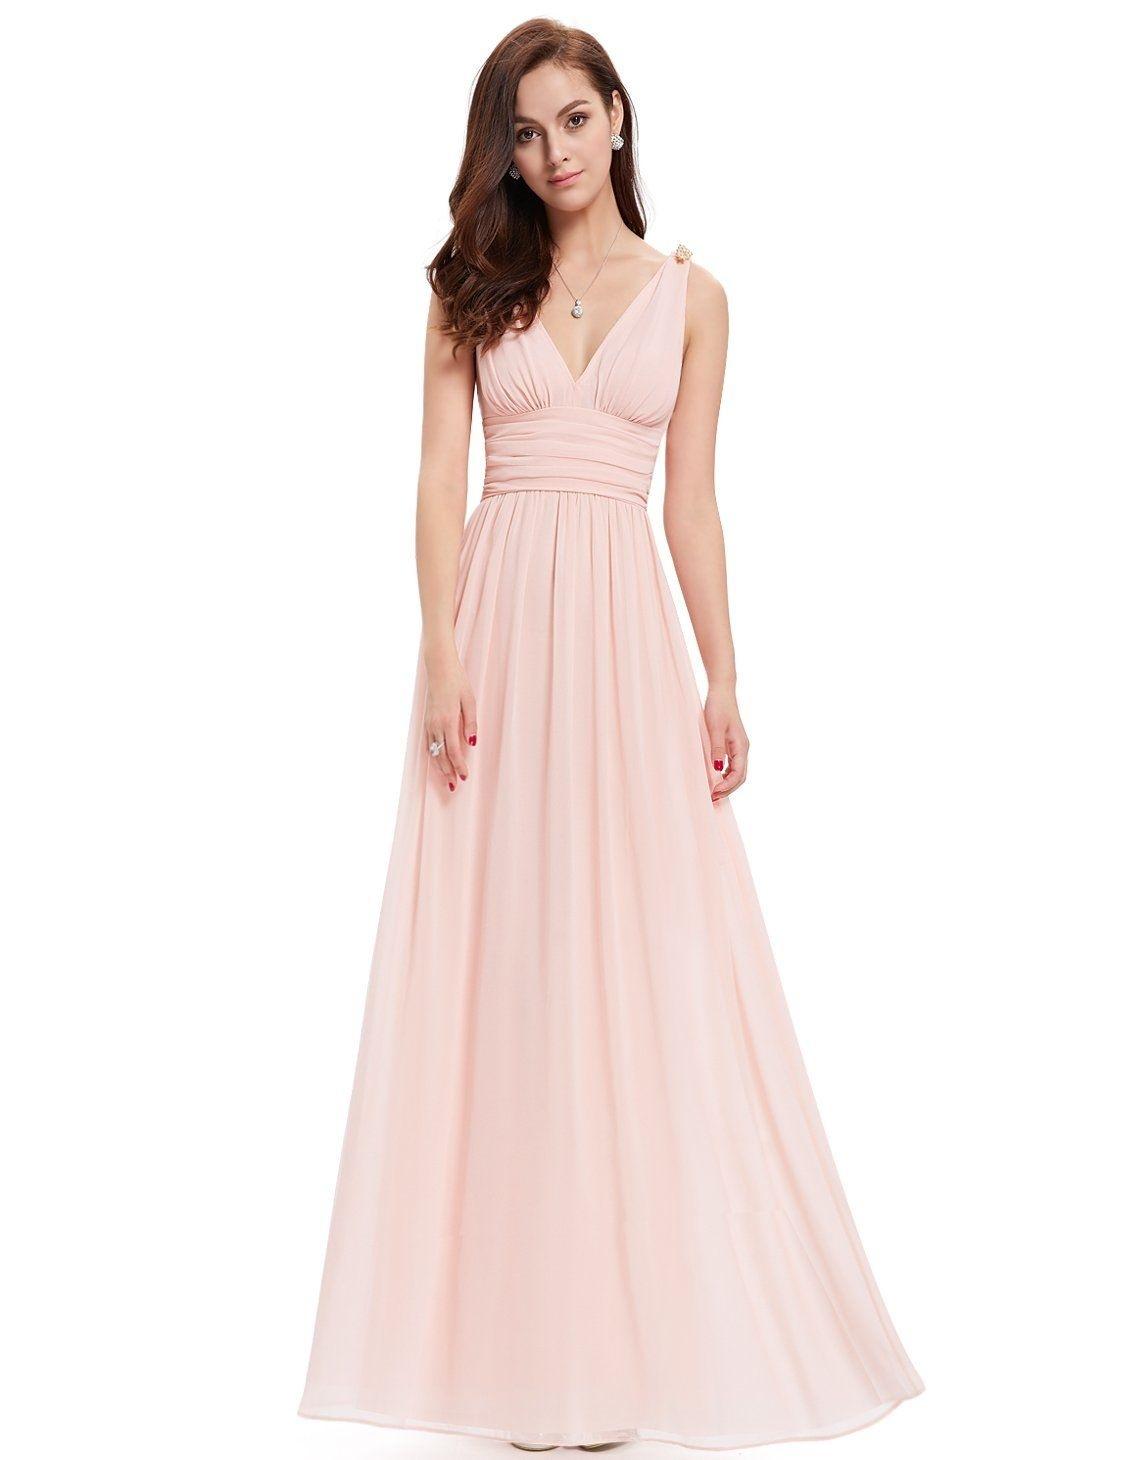 20 Elegant Festkleider Damen Ärmel15 Kreativ Festkleider Damen Spezialgebiet